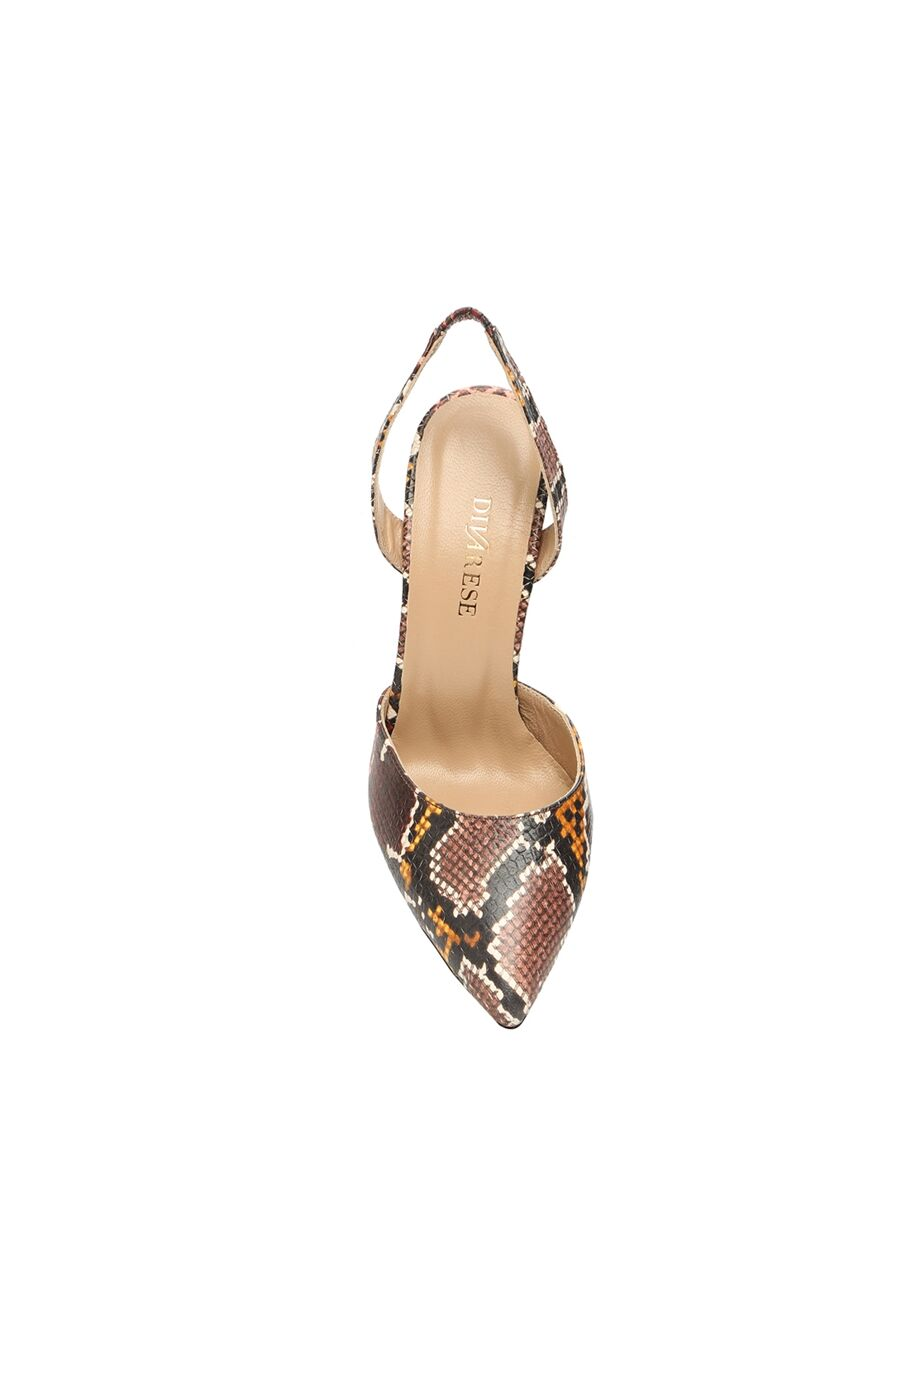 Kadın Kahverengi Yılan Desenli Deri Topuklu Ayakkabı